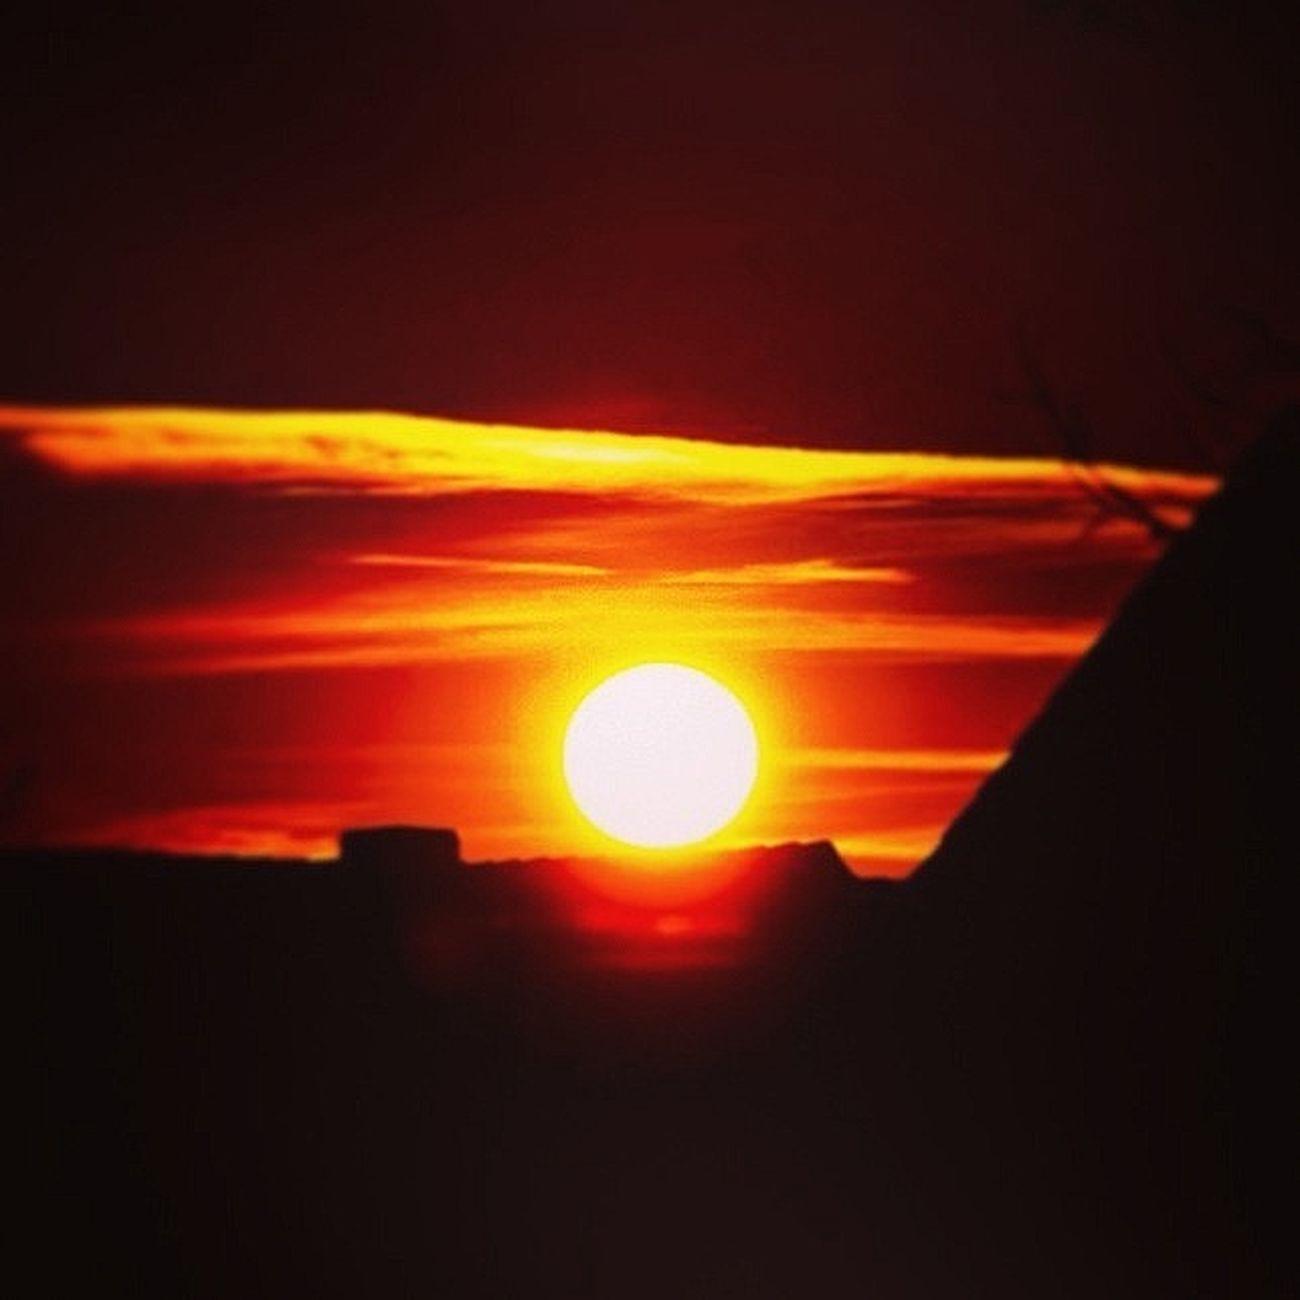 sonnenuntergang Nikon D5100  Sonne <3 Sonnenuntergang Himmel